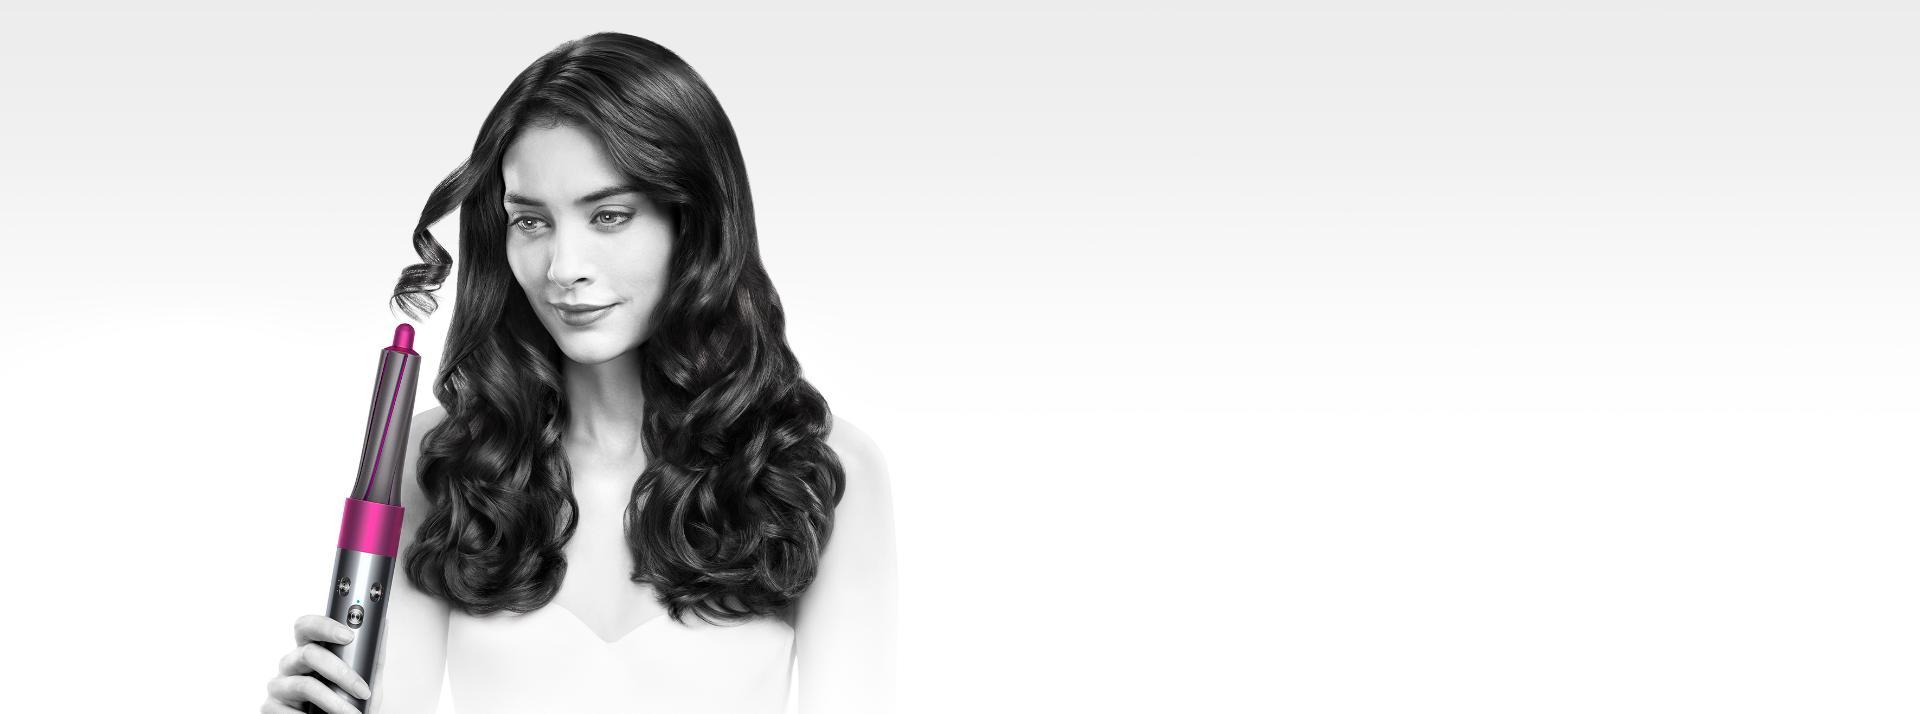 דוגמנית המשתמשת במעצב השיער Dyson airwrap